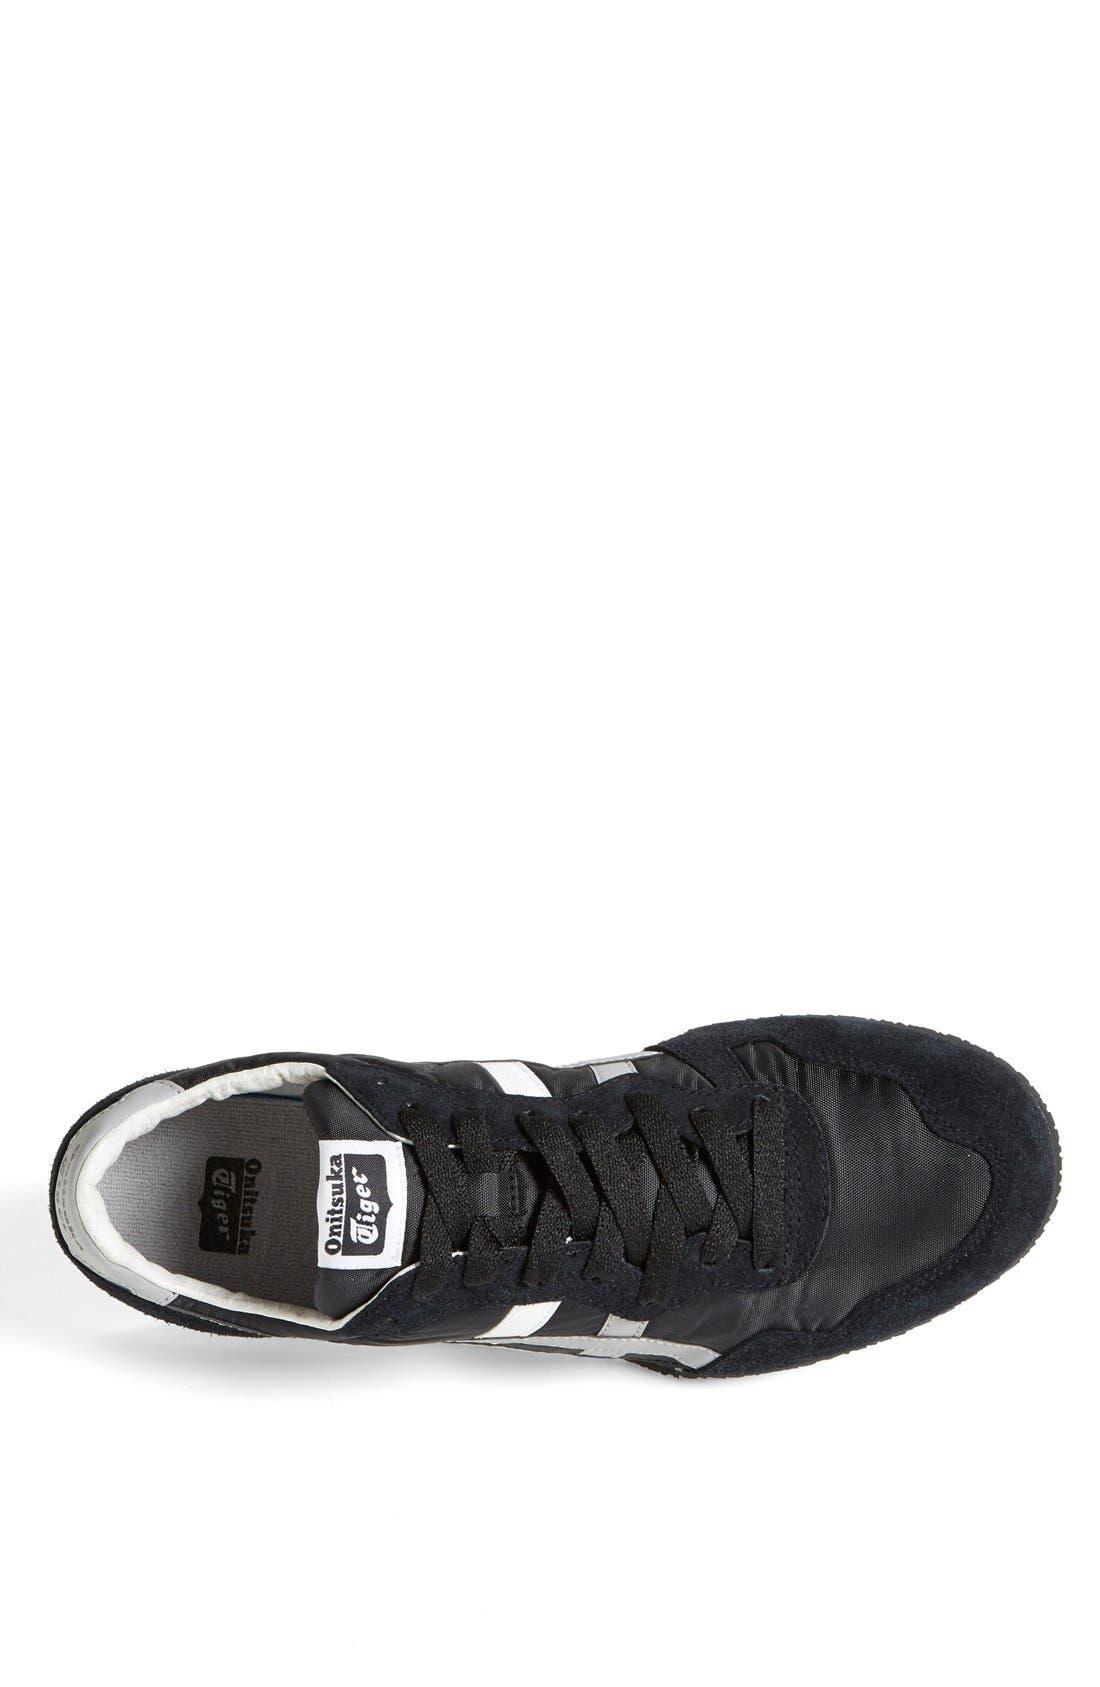 'Serrano' Sneaker,                             Alternate thumbnail 3, color,                             BLACK/ LIGHT GREY/ WHITE